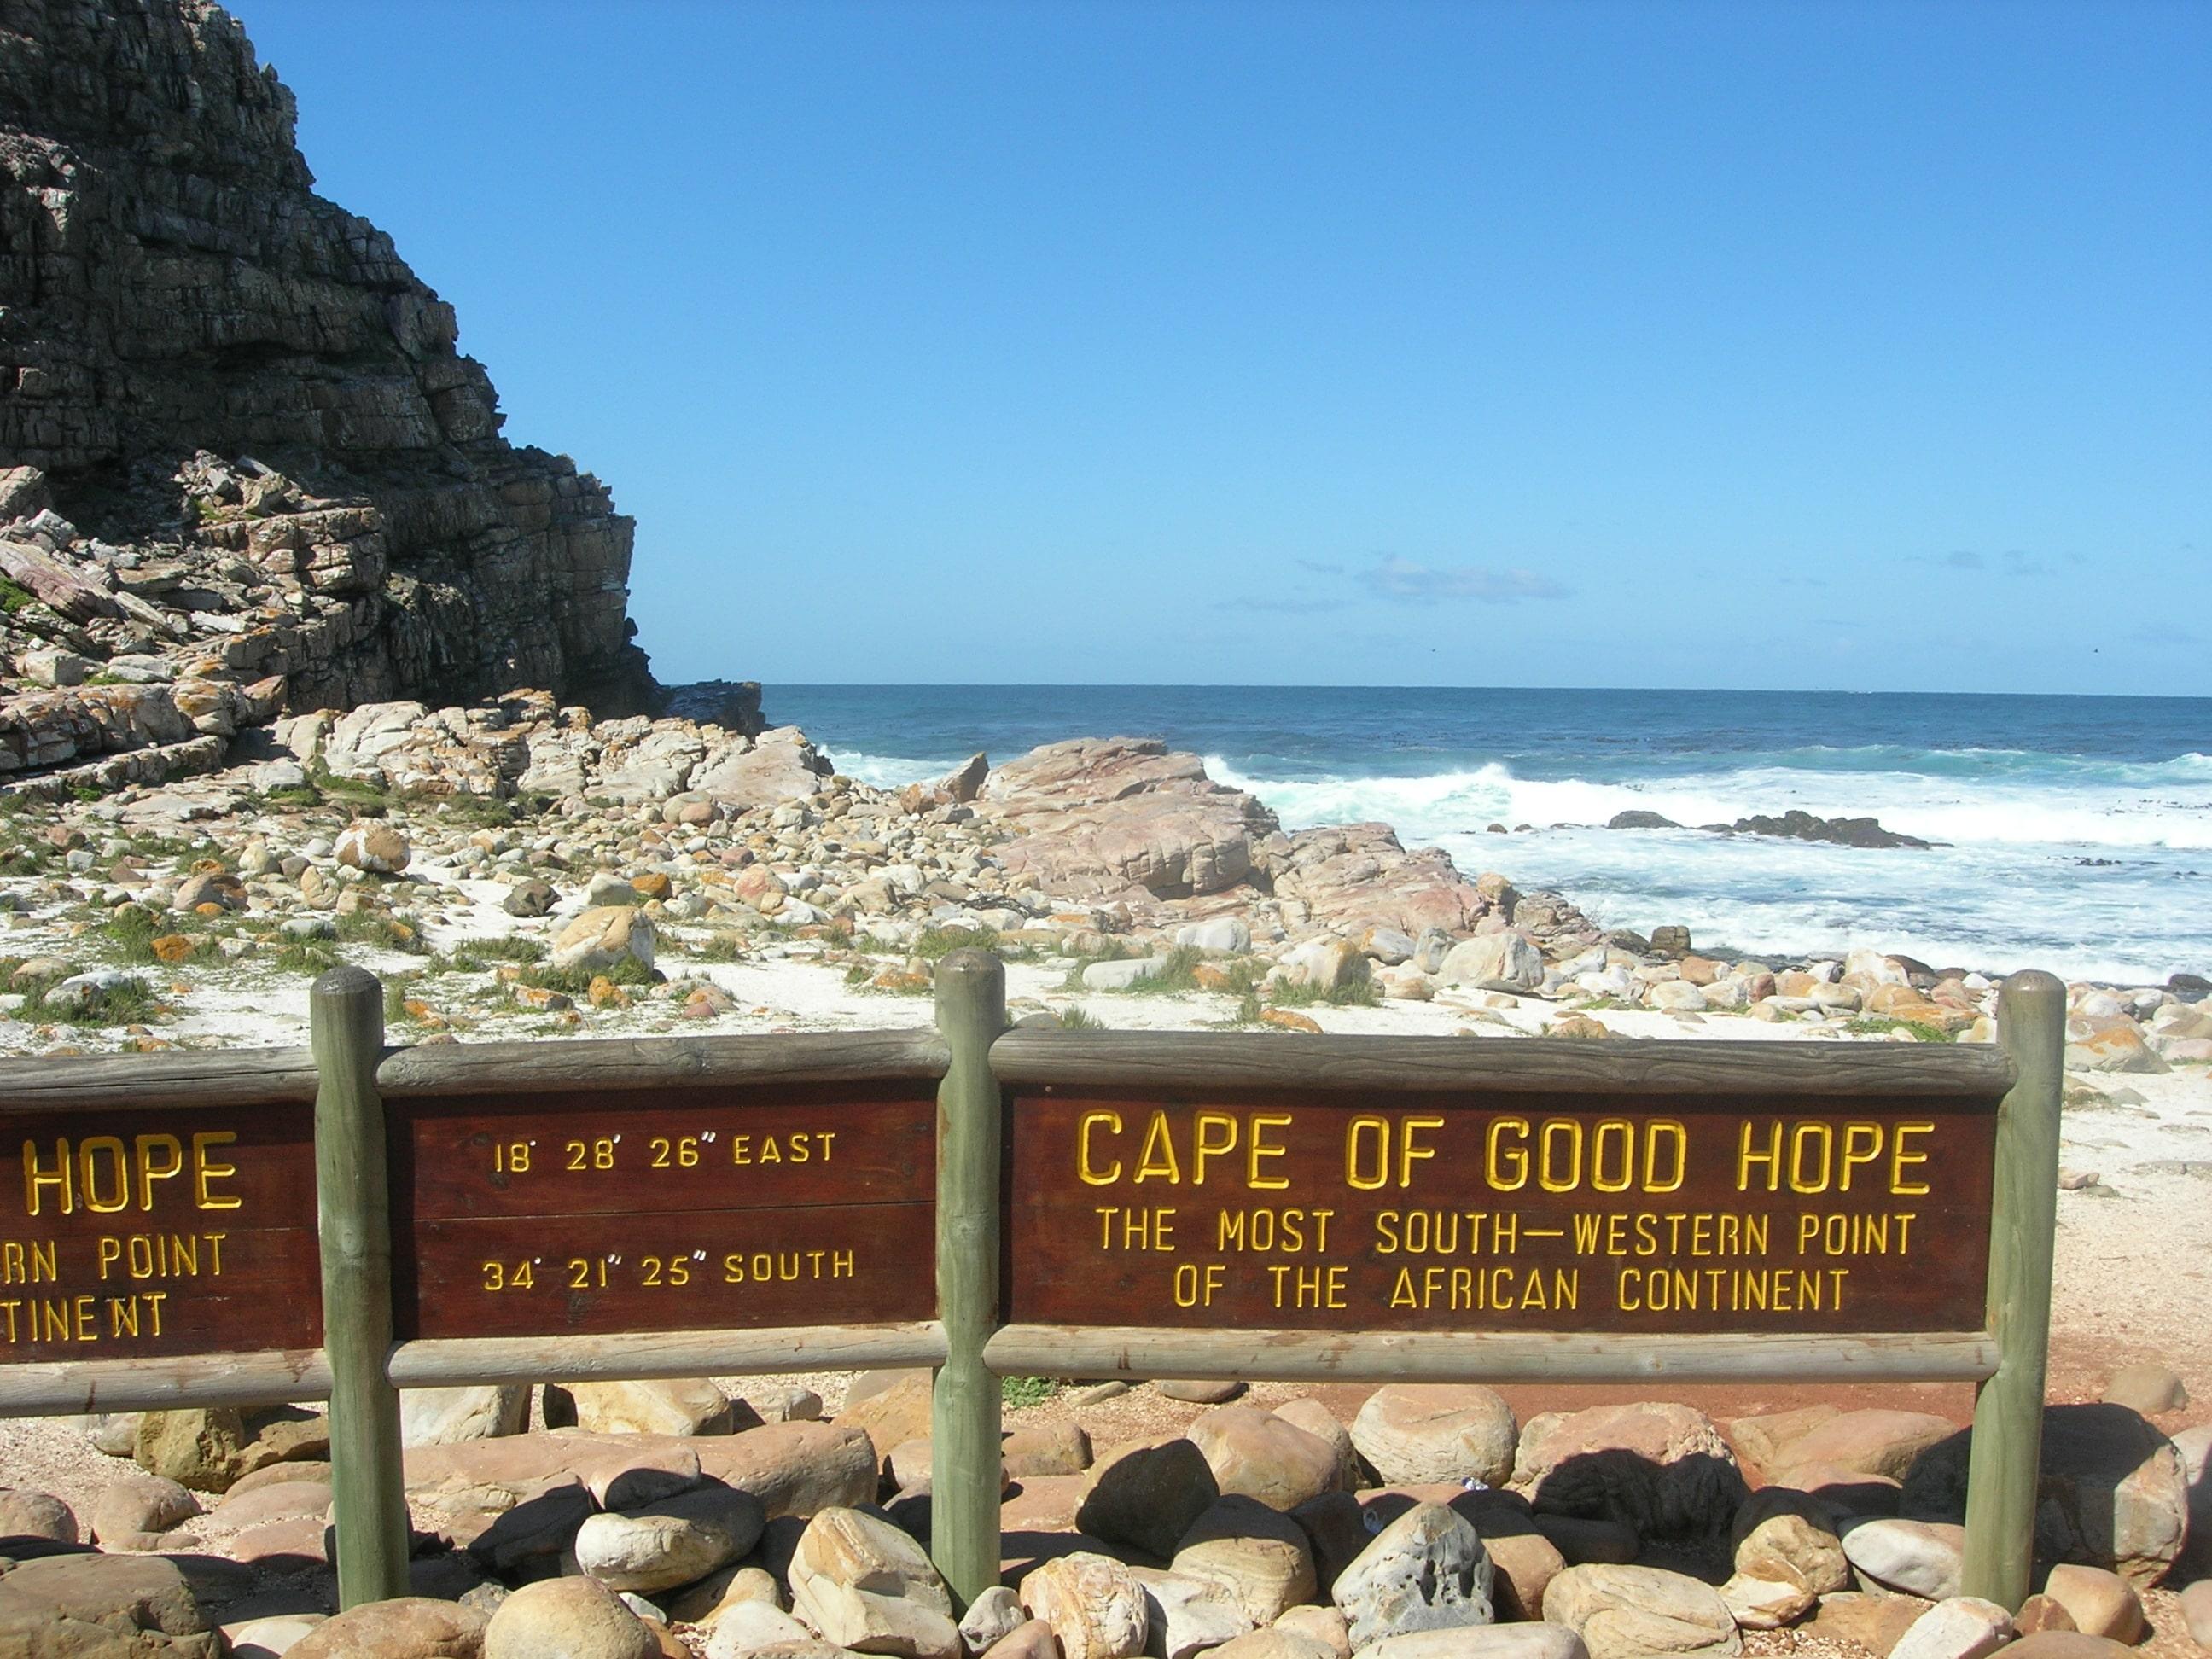 Deși se laudă că este cel mai sudic punct al Africii, ei bine nu e, dar chiar și așa Capul Bunei Speranțe este o zonă de o frumusețe aparte